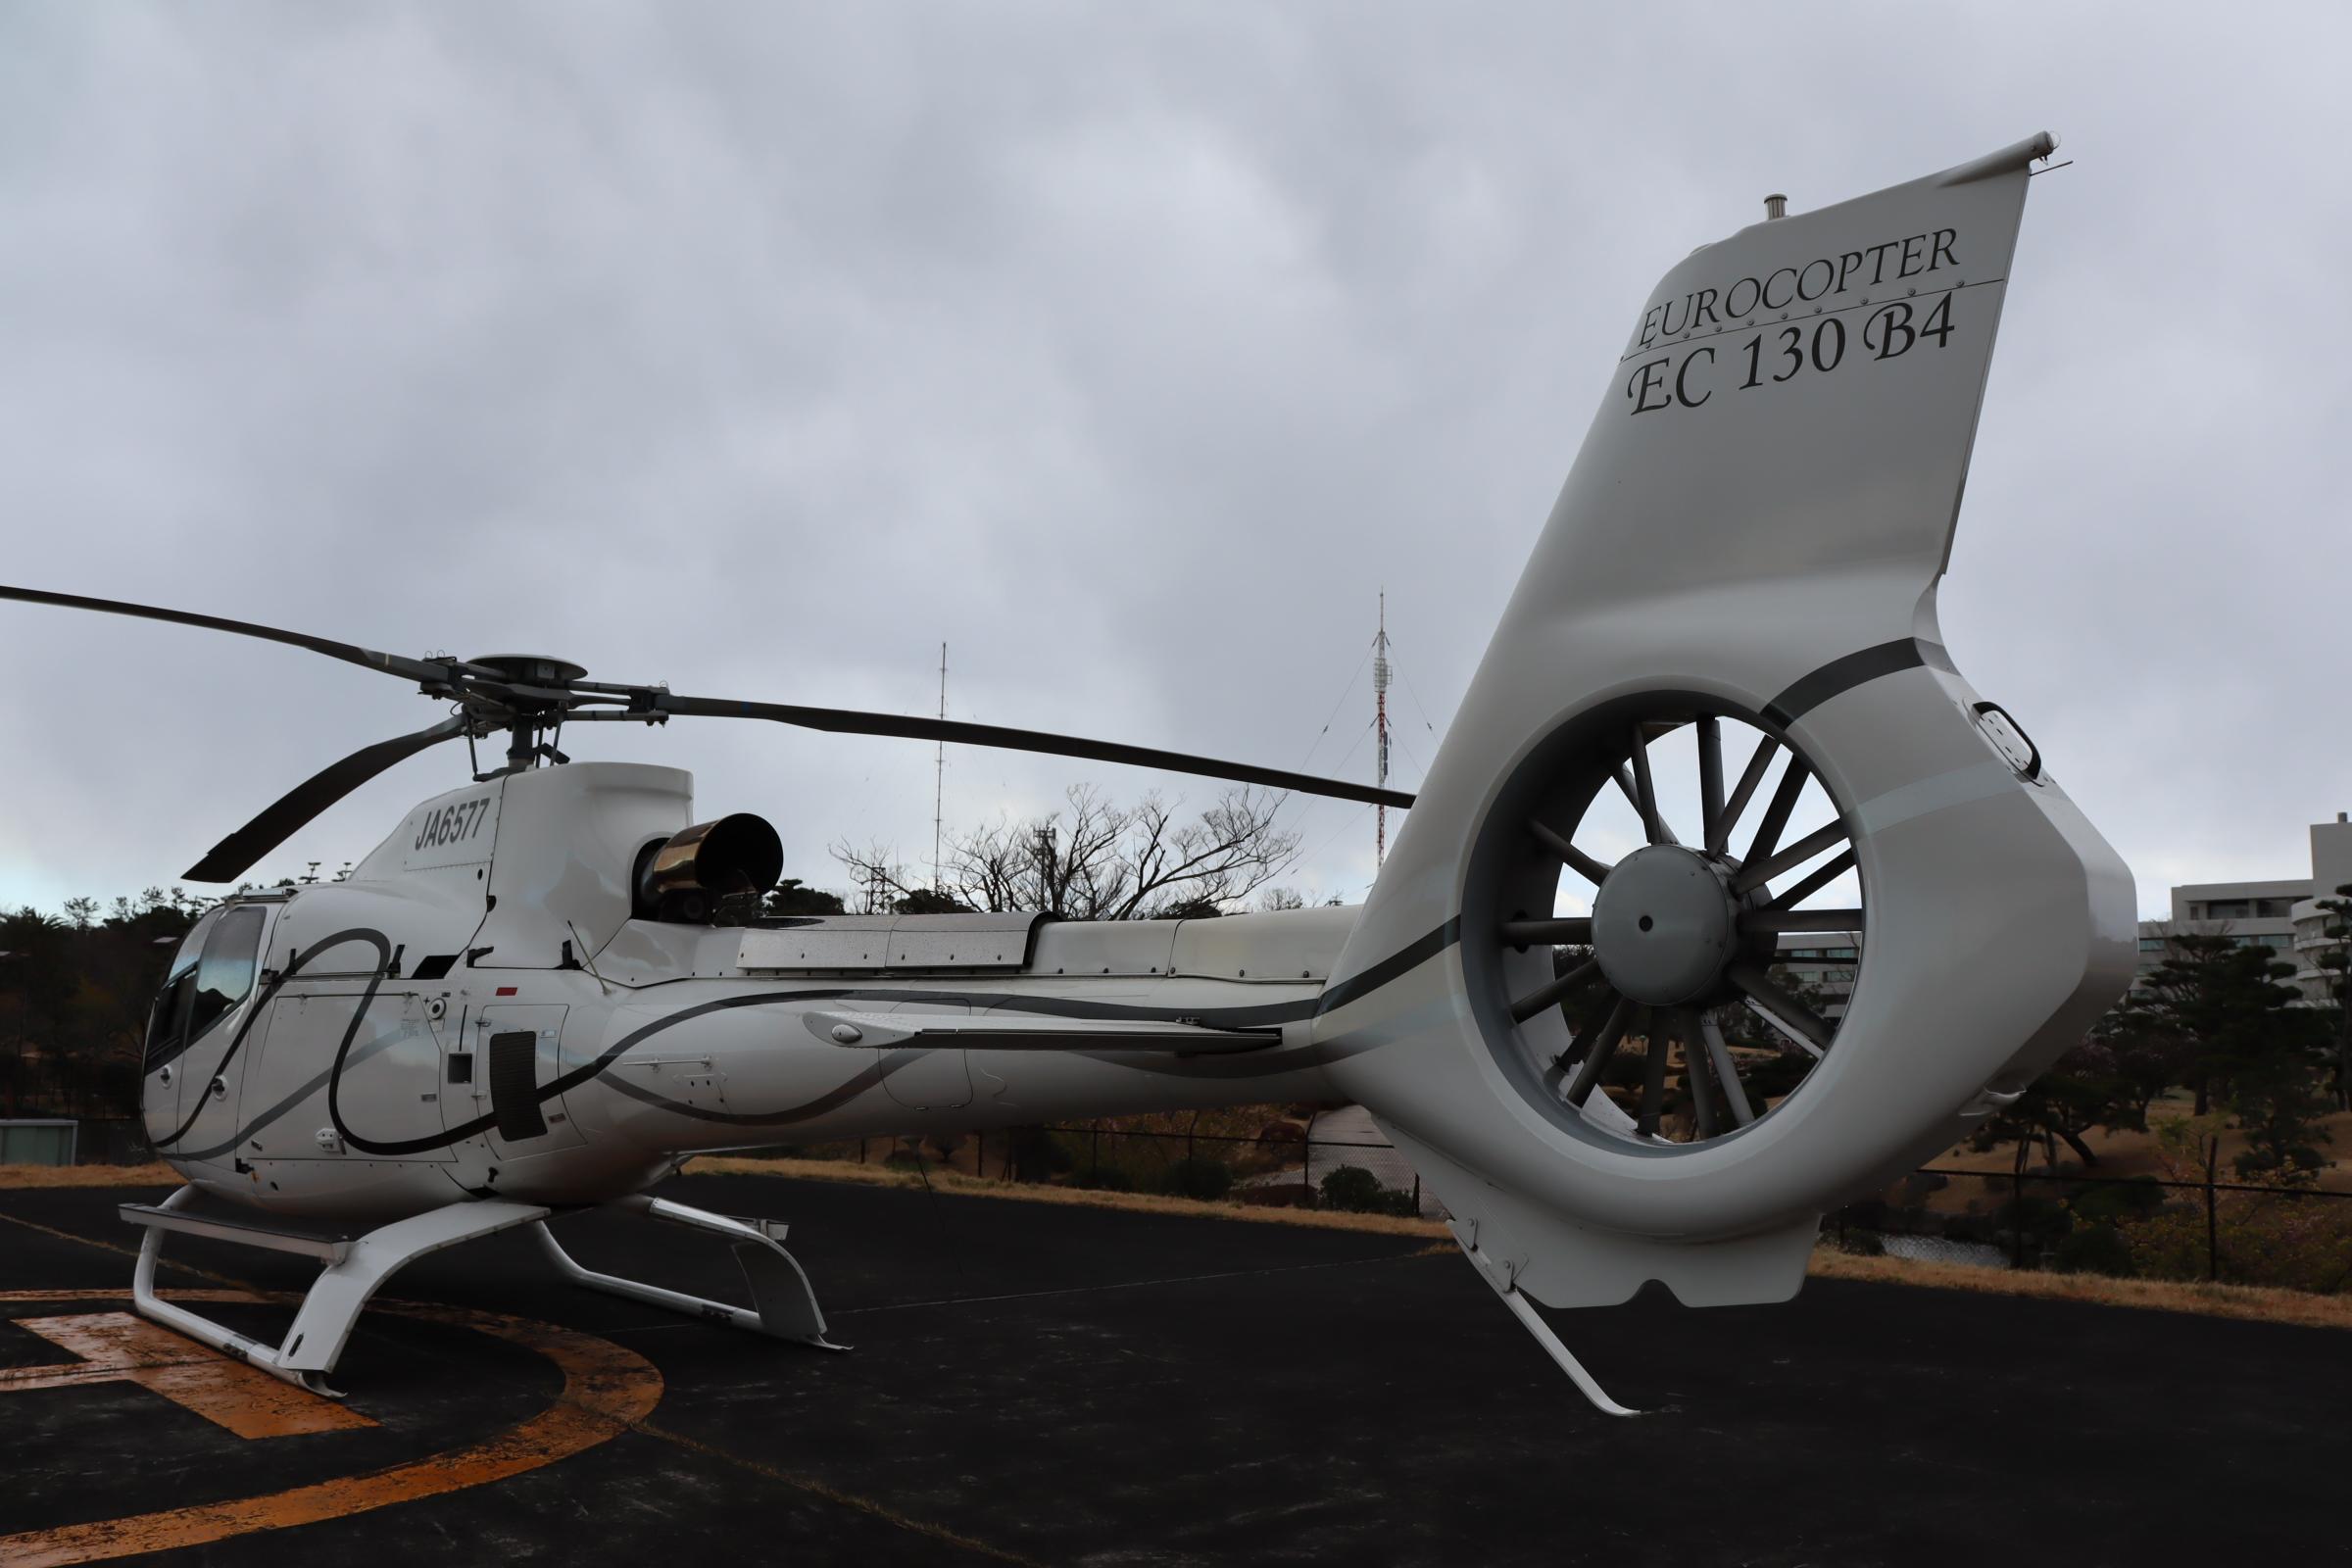 ユーロコプター EC130B4